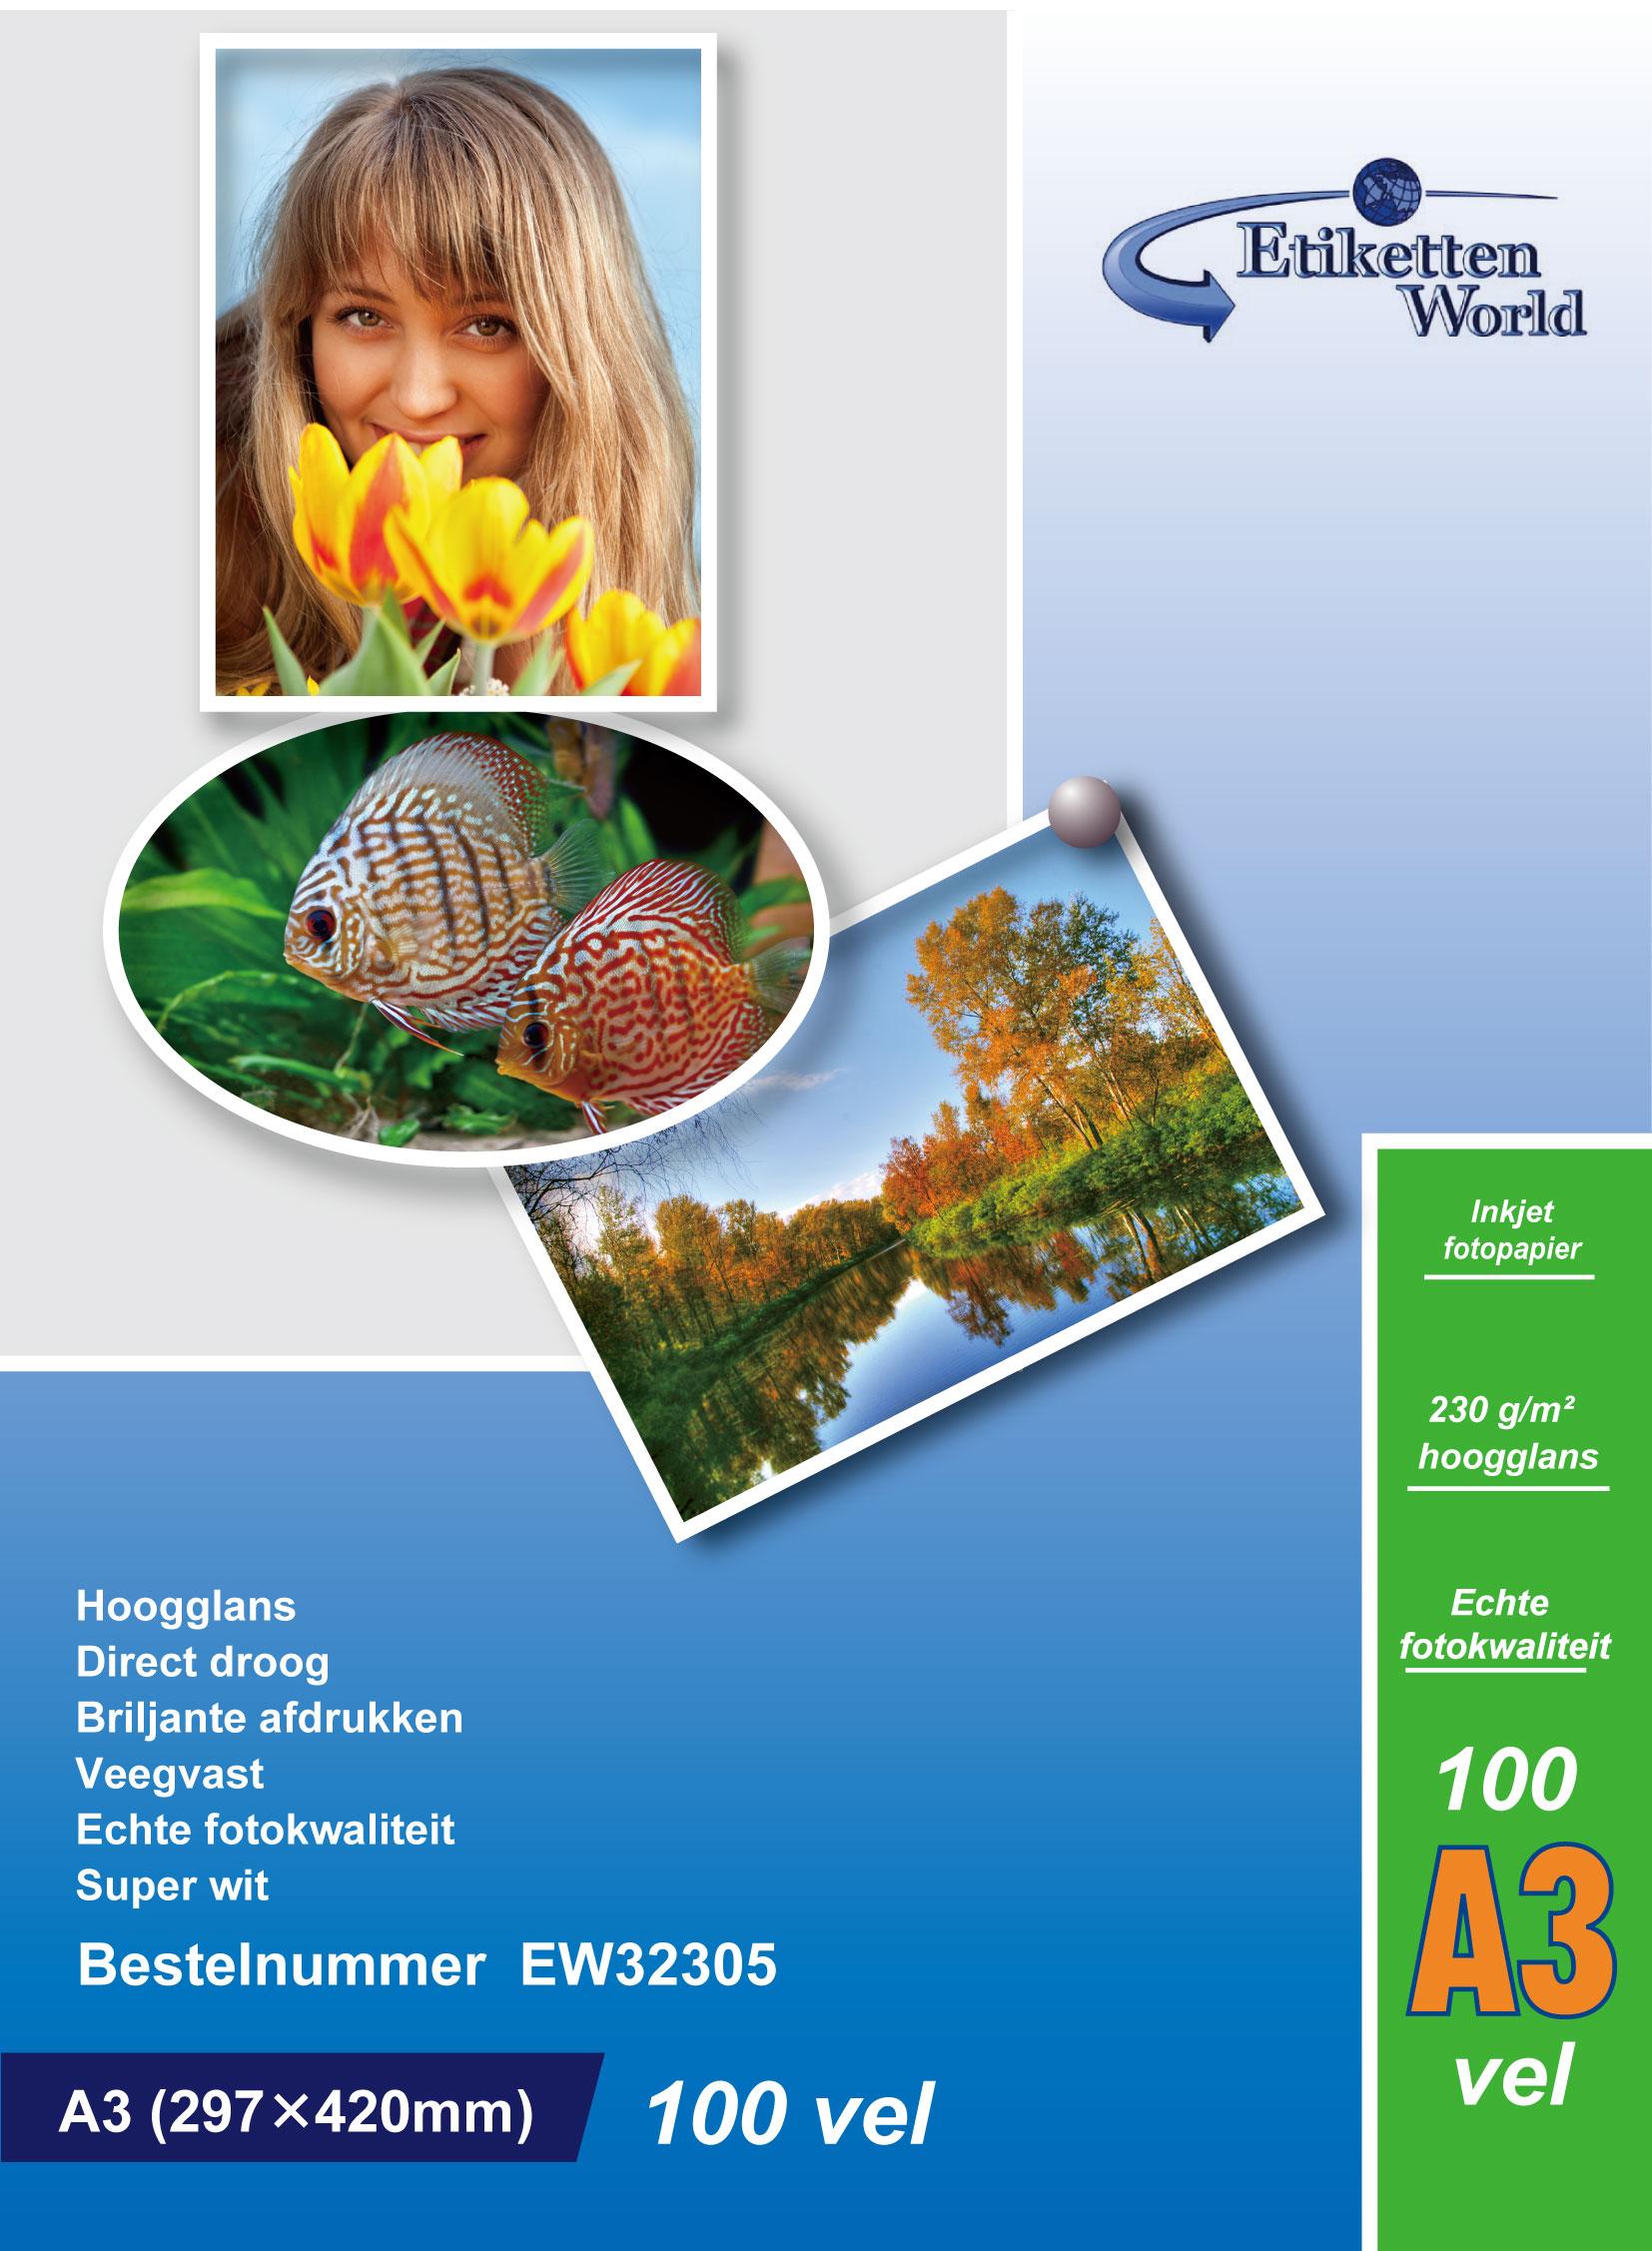 EtikettenWorld BV Fotopapier A3 230g/qm High Glossy und wasserfest